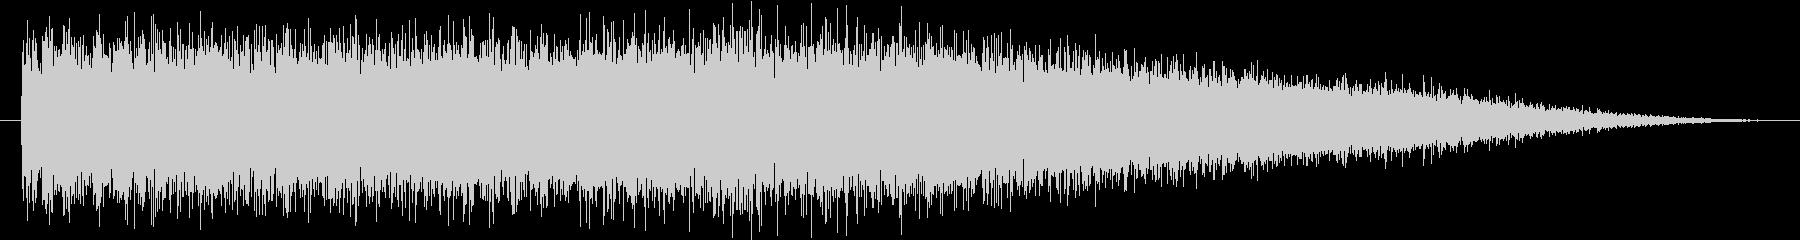 【生録音】ロードバイクのラチェット音の未再生の波形